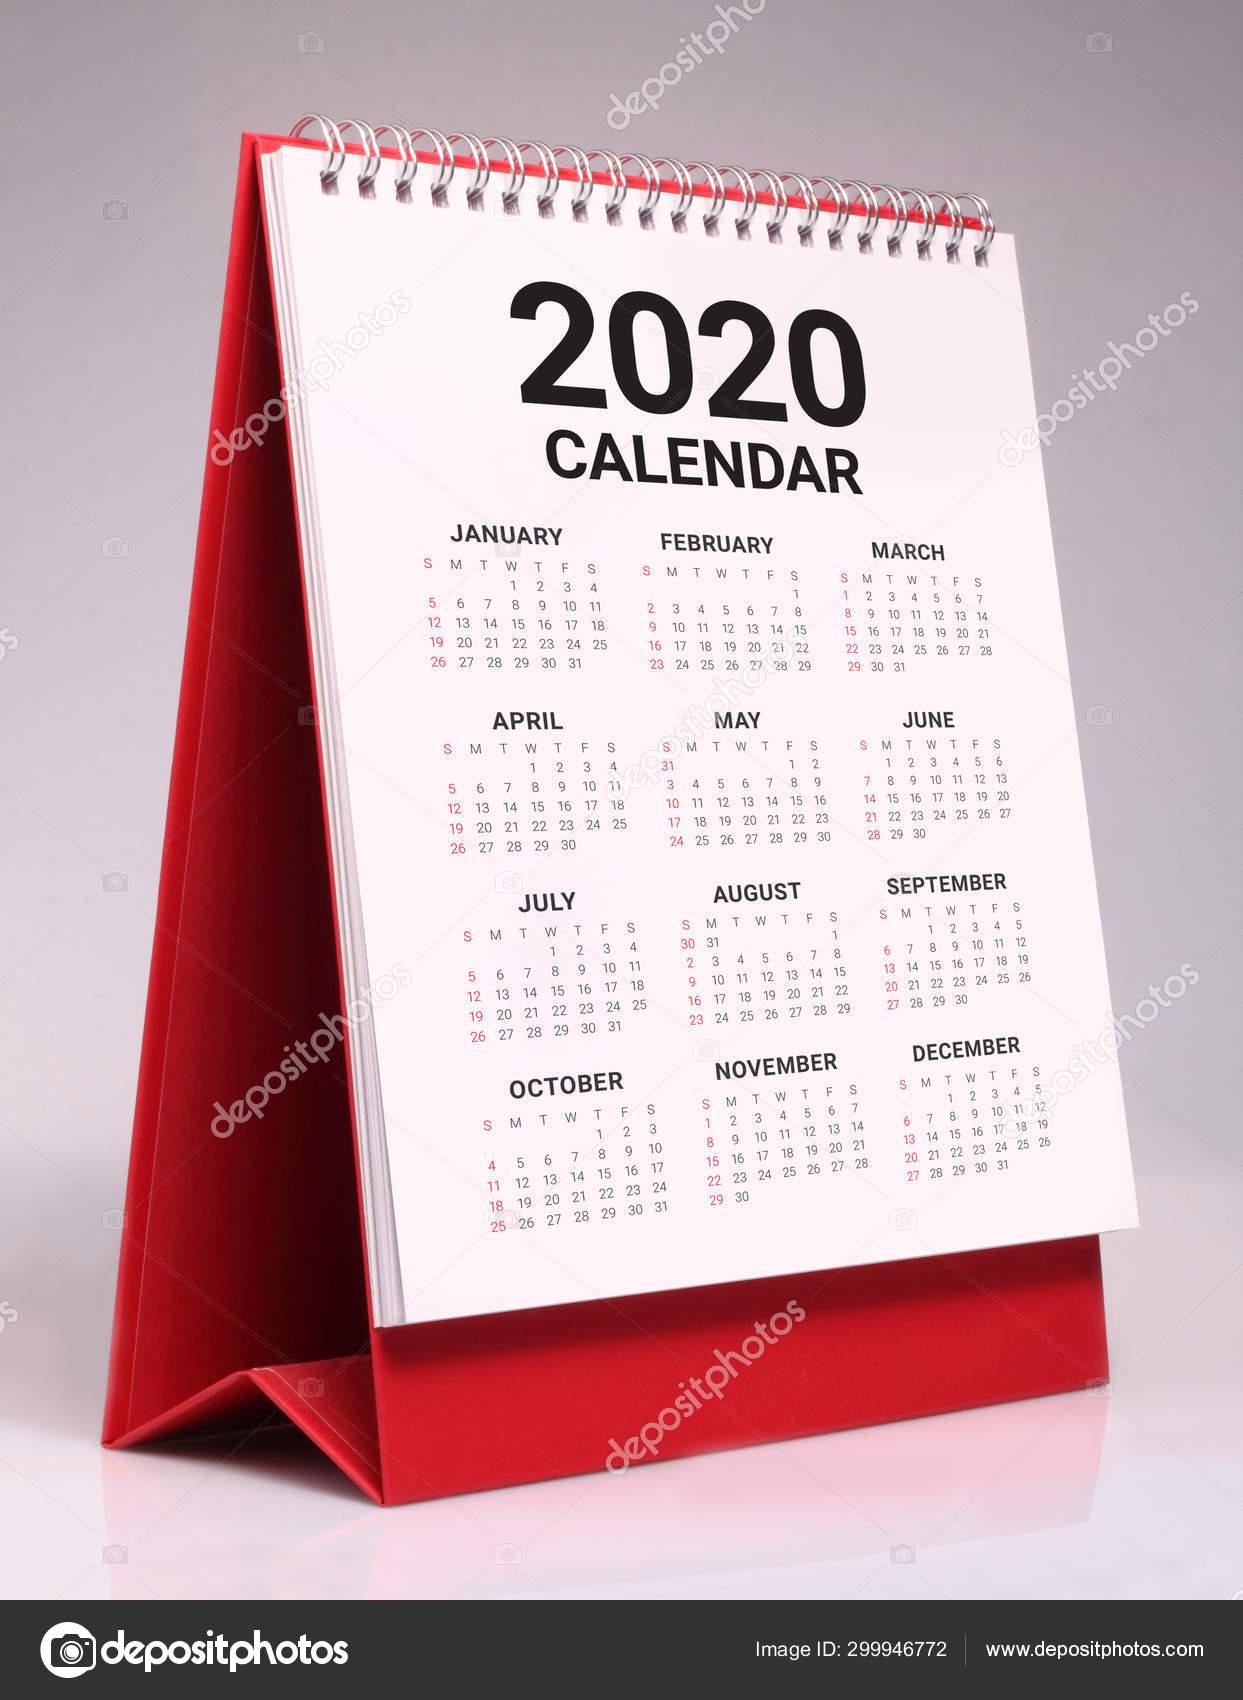 Calendario Da Tavolo 2020 Gratis.Calendario Da Tavolo Semplice 2020 Foto Stock